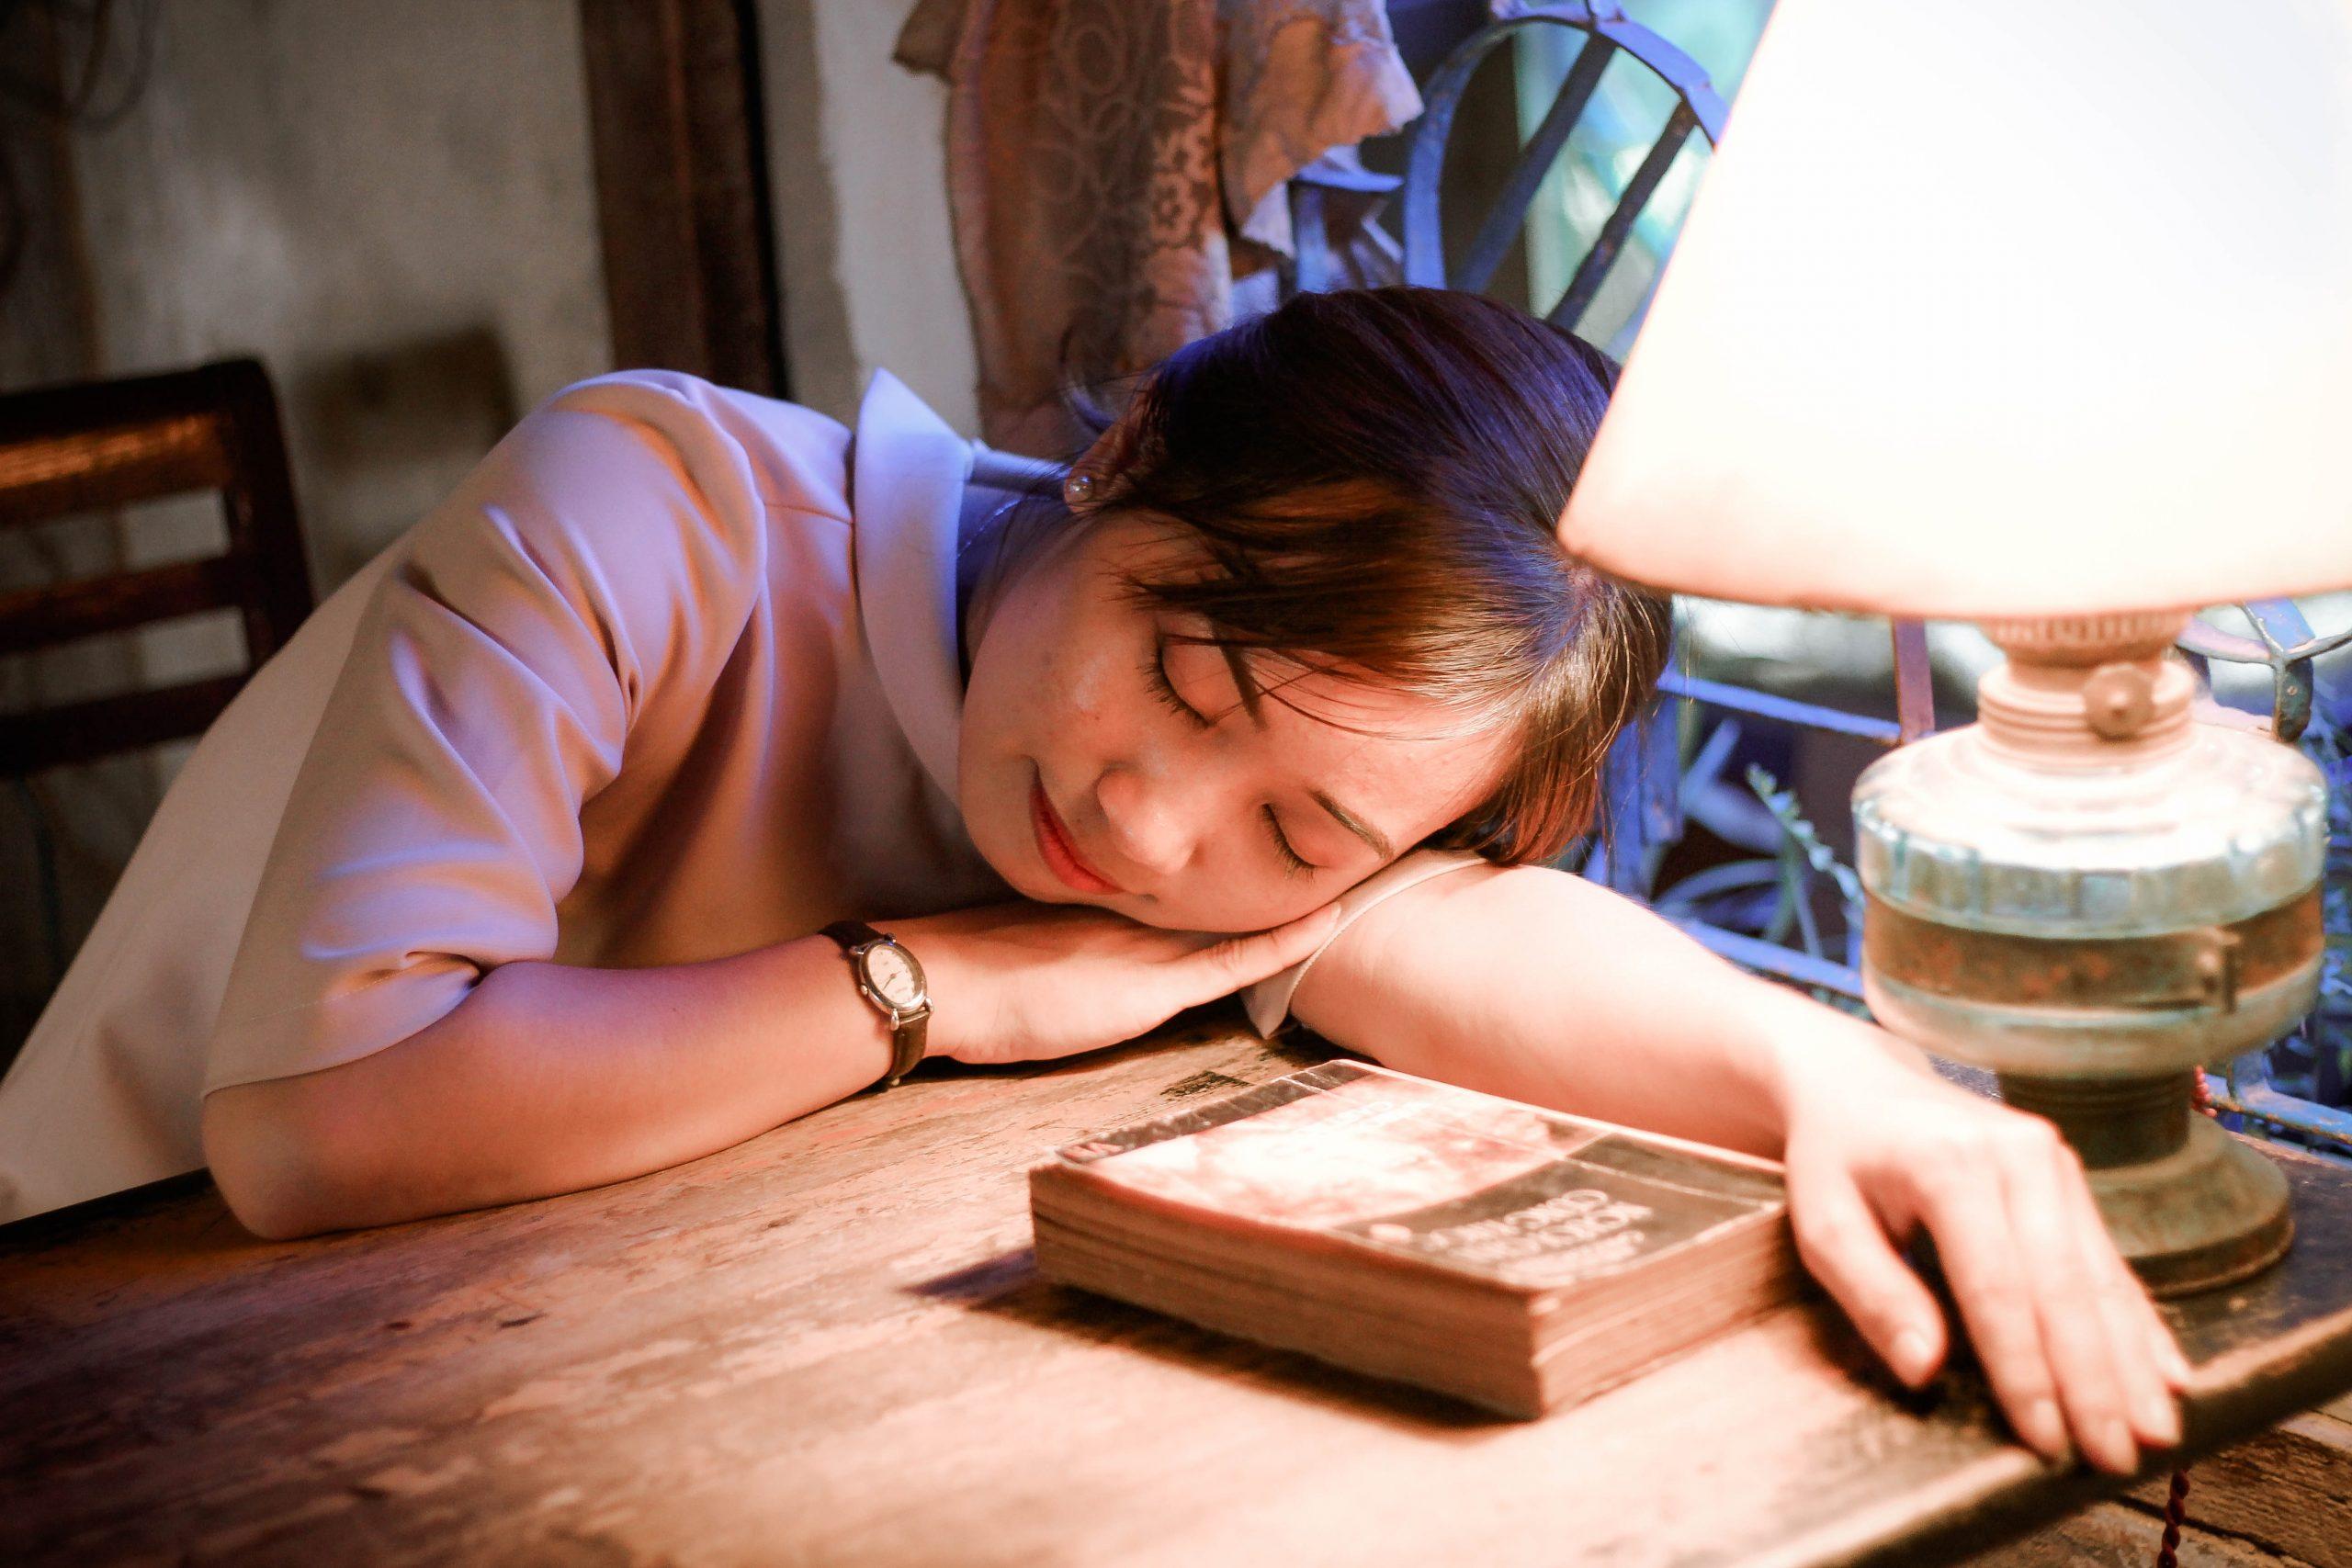 Dormir bien - Foto de Kha Ruxury en Pexels